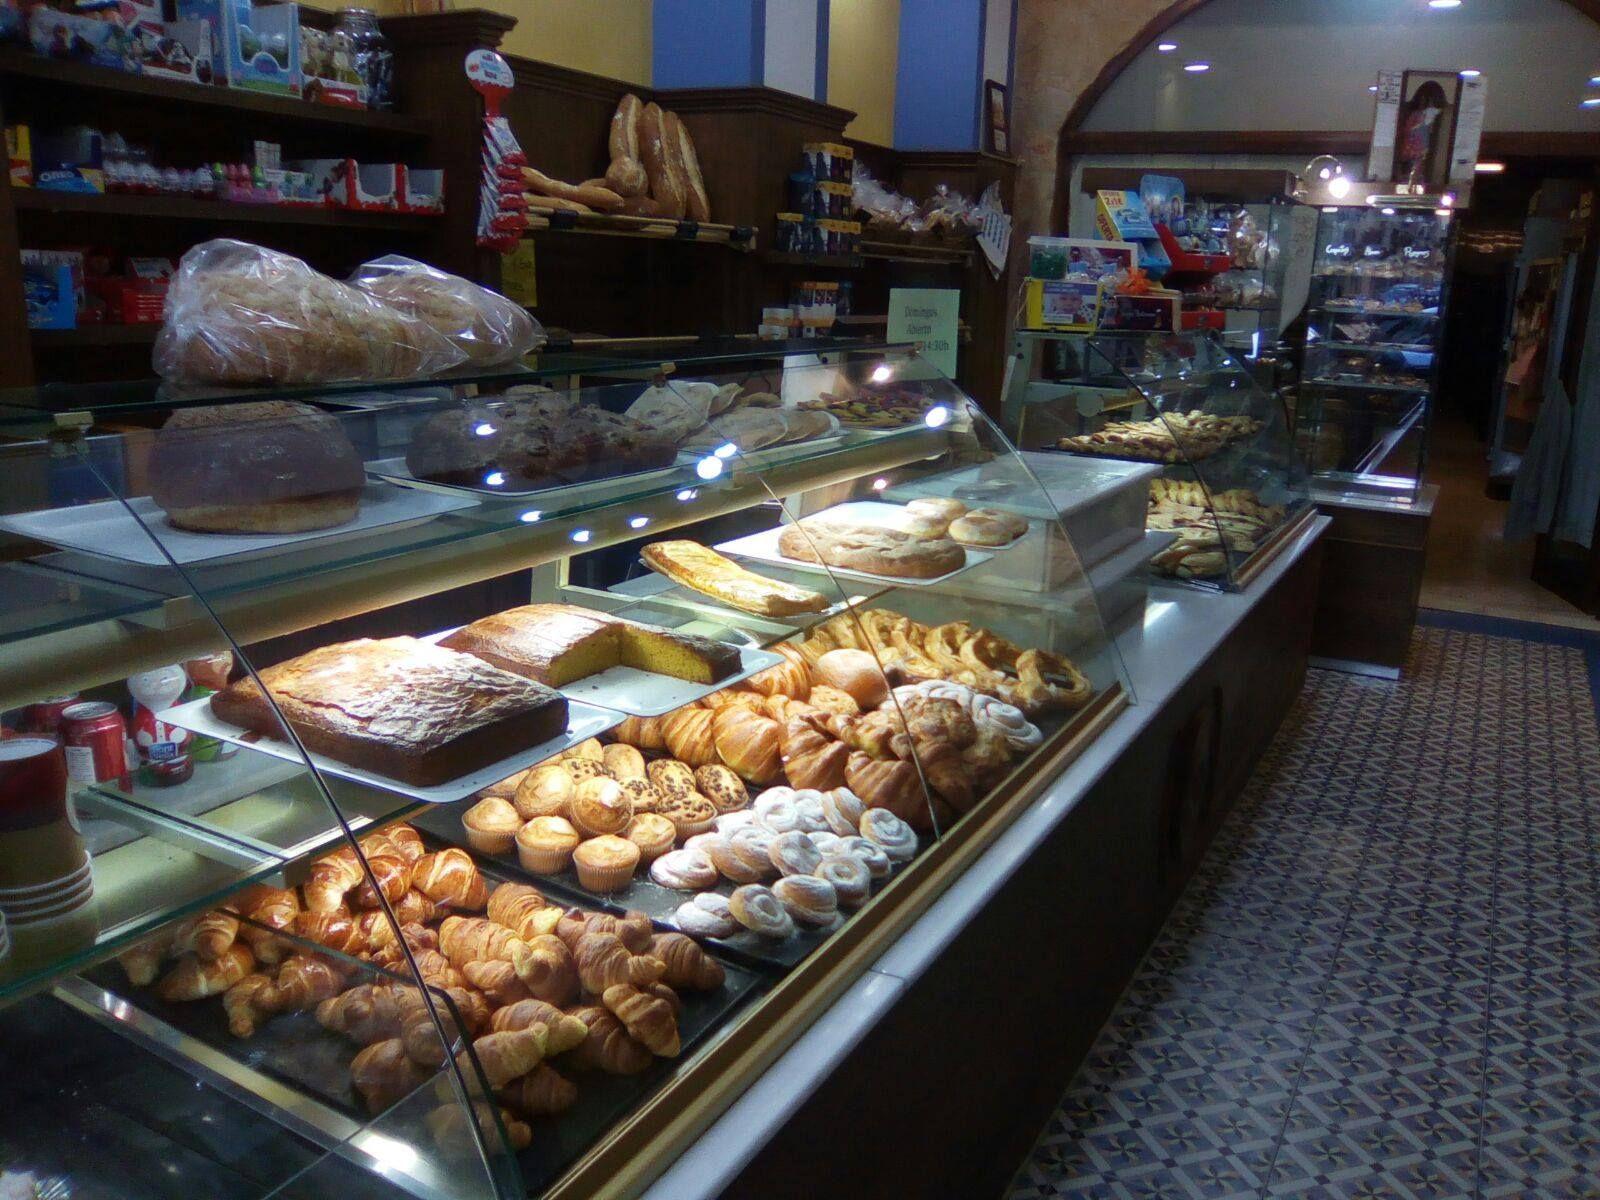 Foto 2 de Panaderías en València | Forn Pastisseria Tonet i Roseta